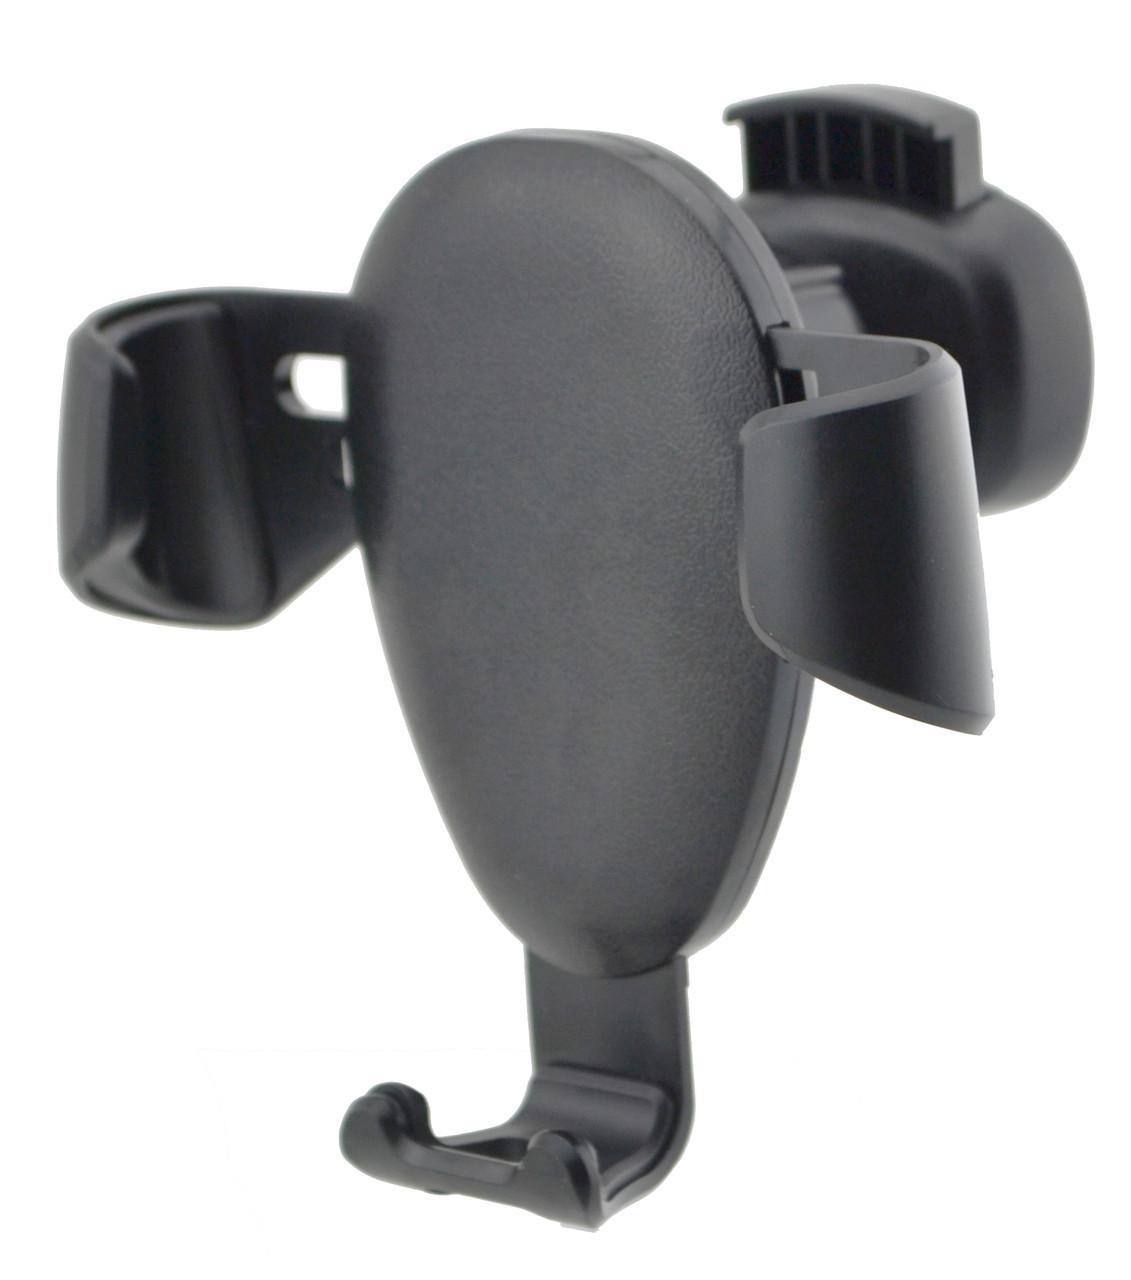 ✅  Держатель для телефона в машину, подставка для смартфона, Чёрный, автодержатель для телефона (ST)